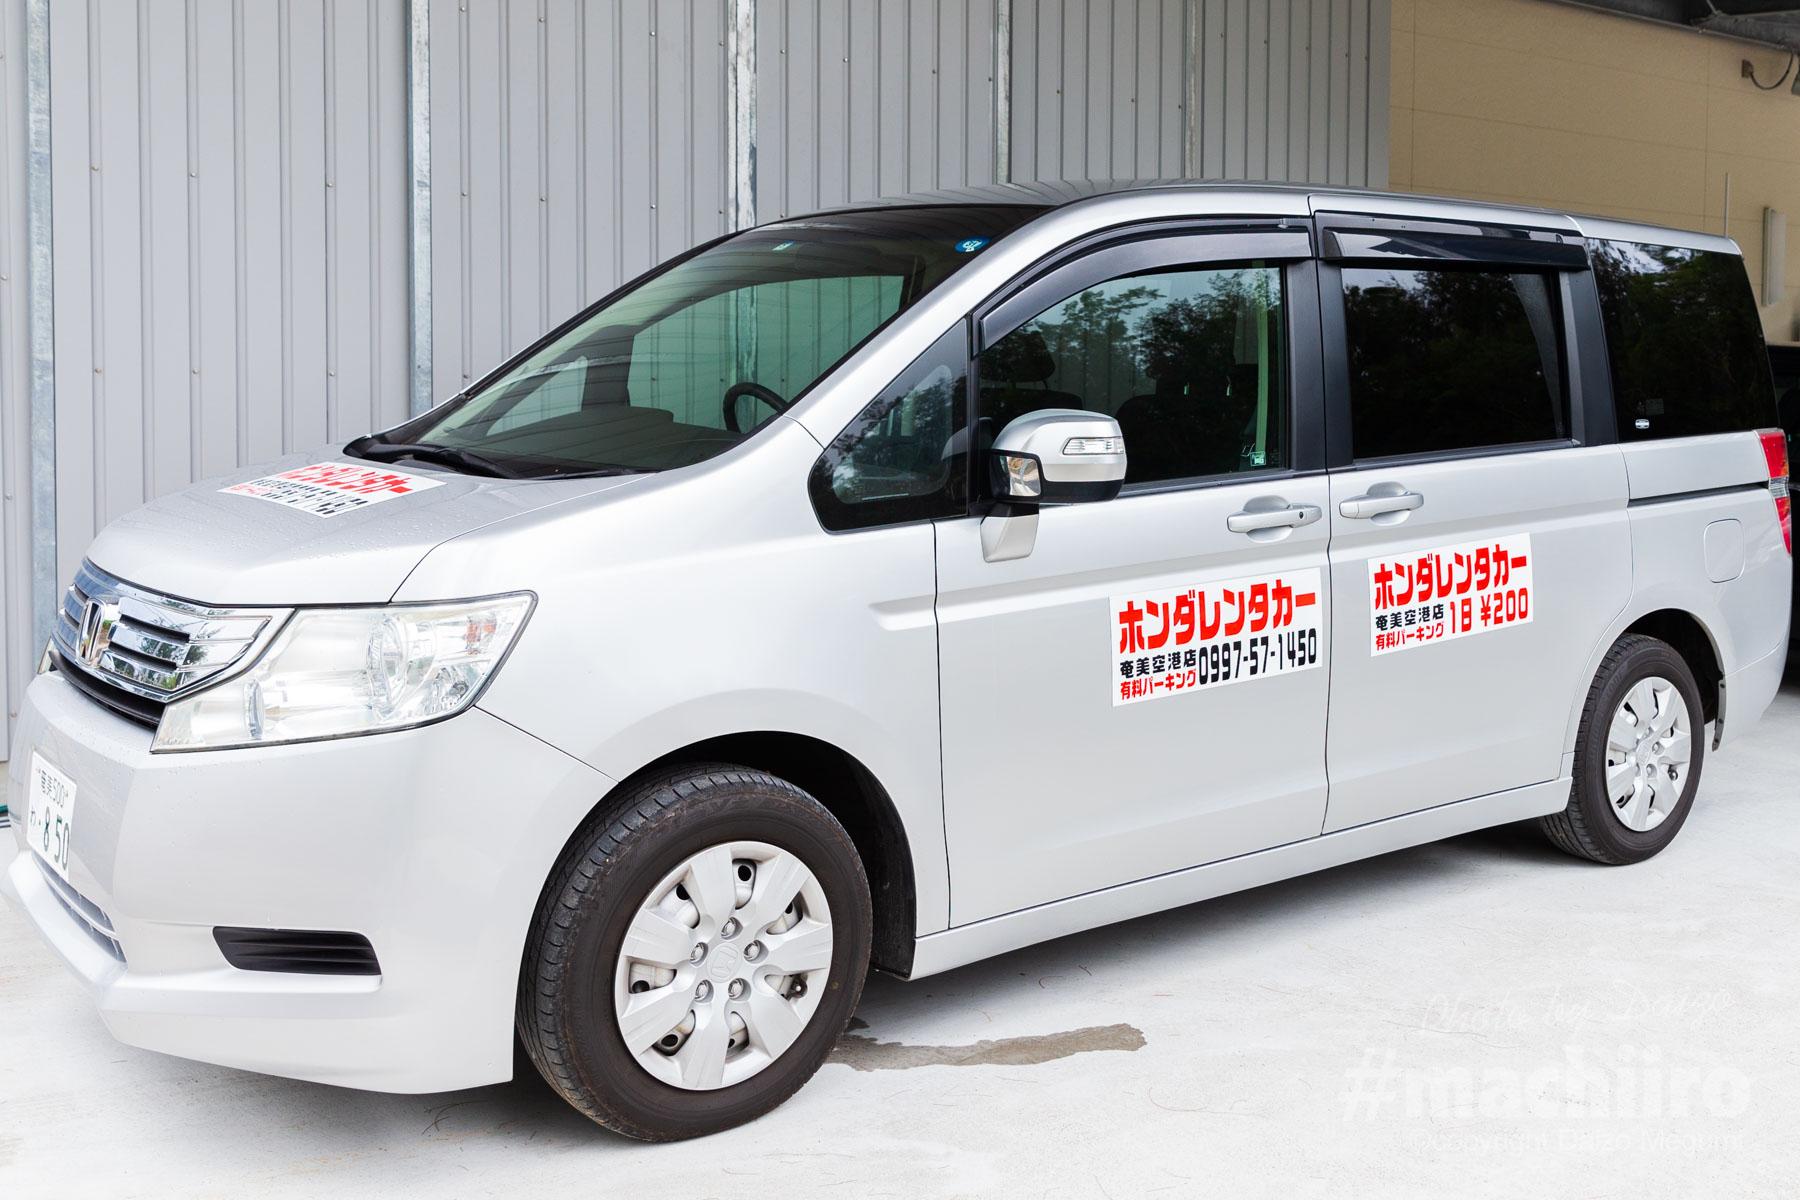 奄美大島 ホンダレンタカー 空港送迎車写真